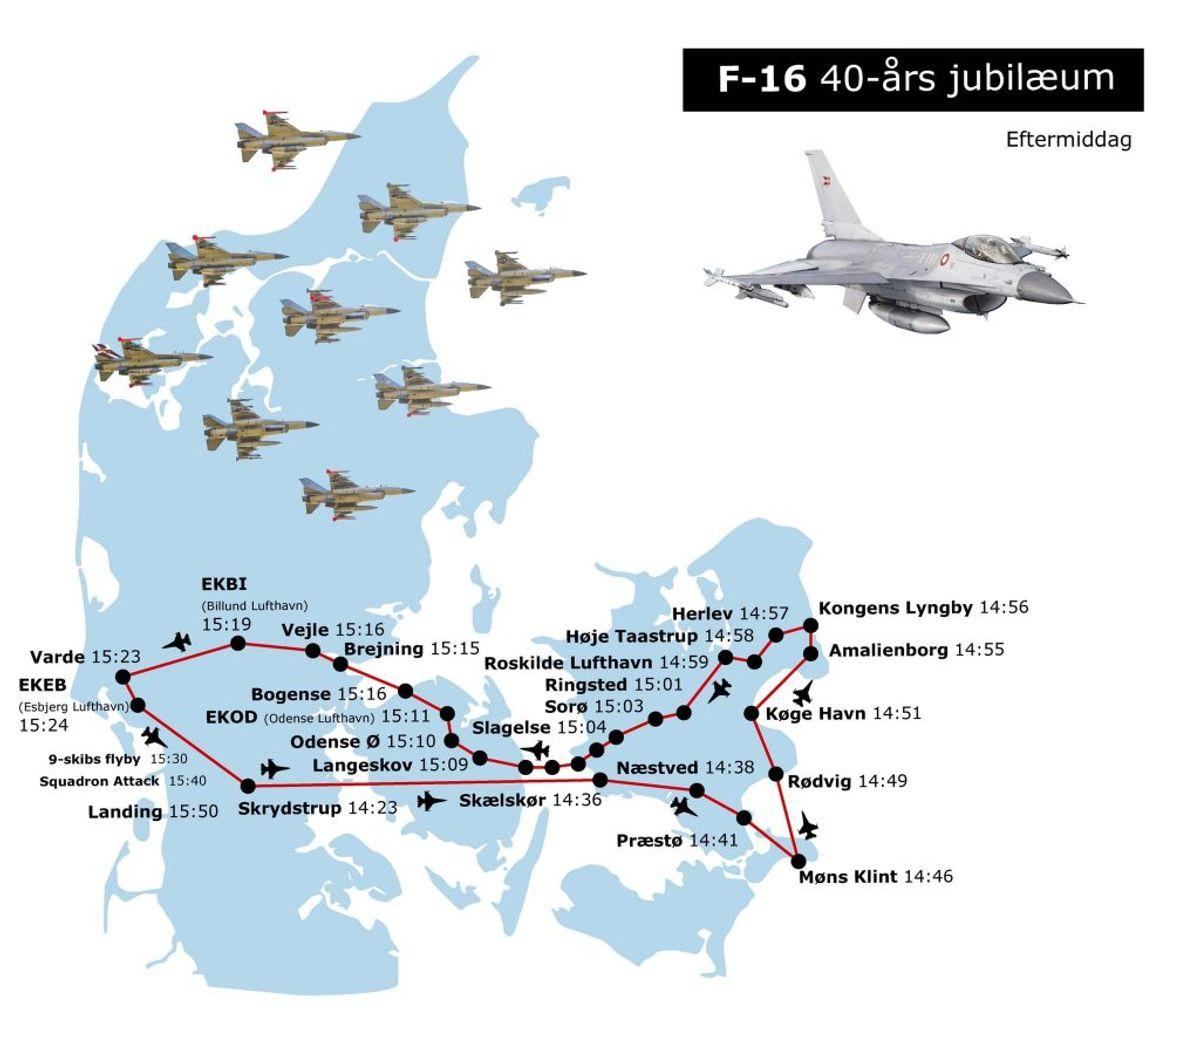 Her kan man opleve de 10 F16 fly i eftermiddagstimerne. Foto: Forsvaret.